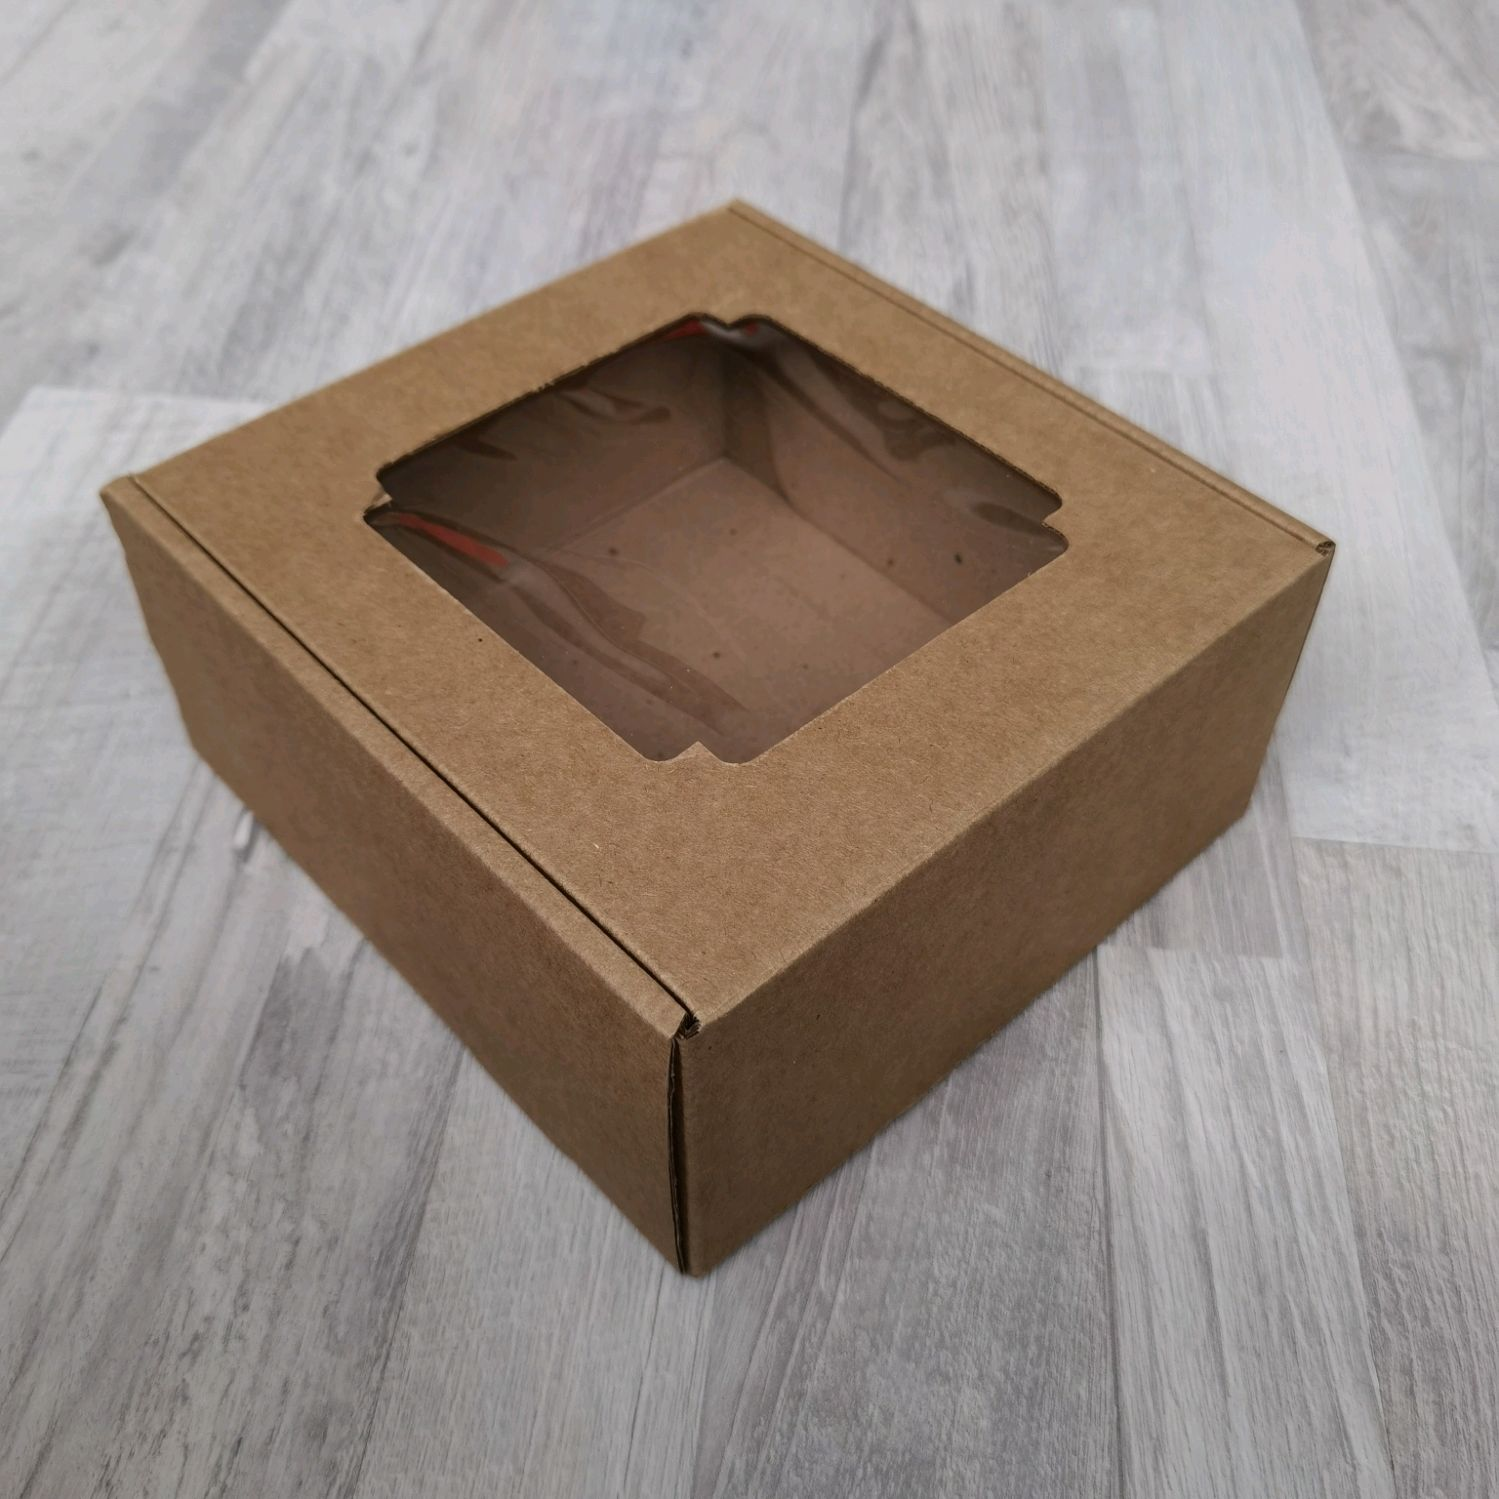 Коробка с окном 19*19*9, крафт, Коробки, Санкт-Петербург,  Фото №1